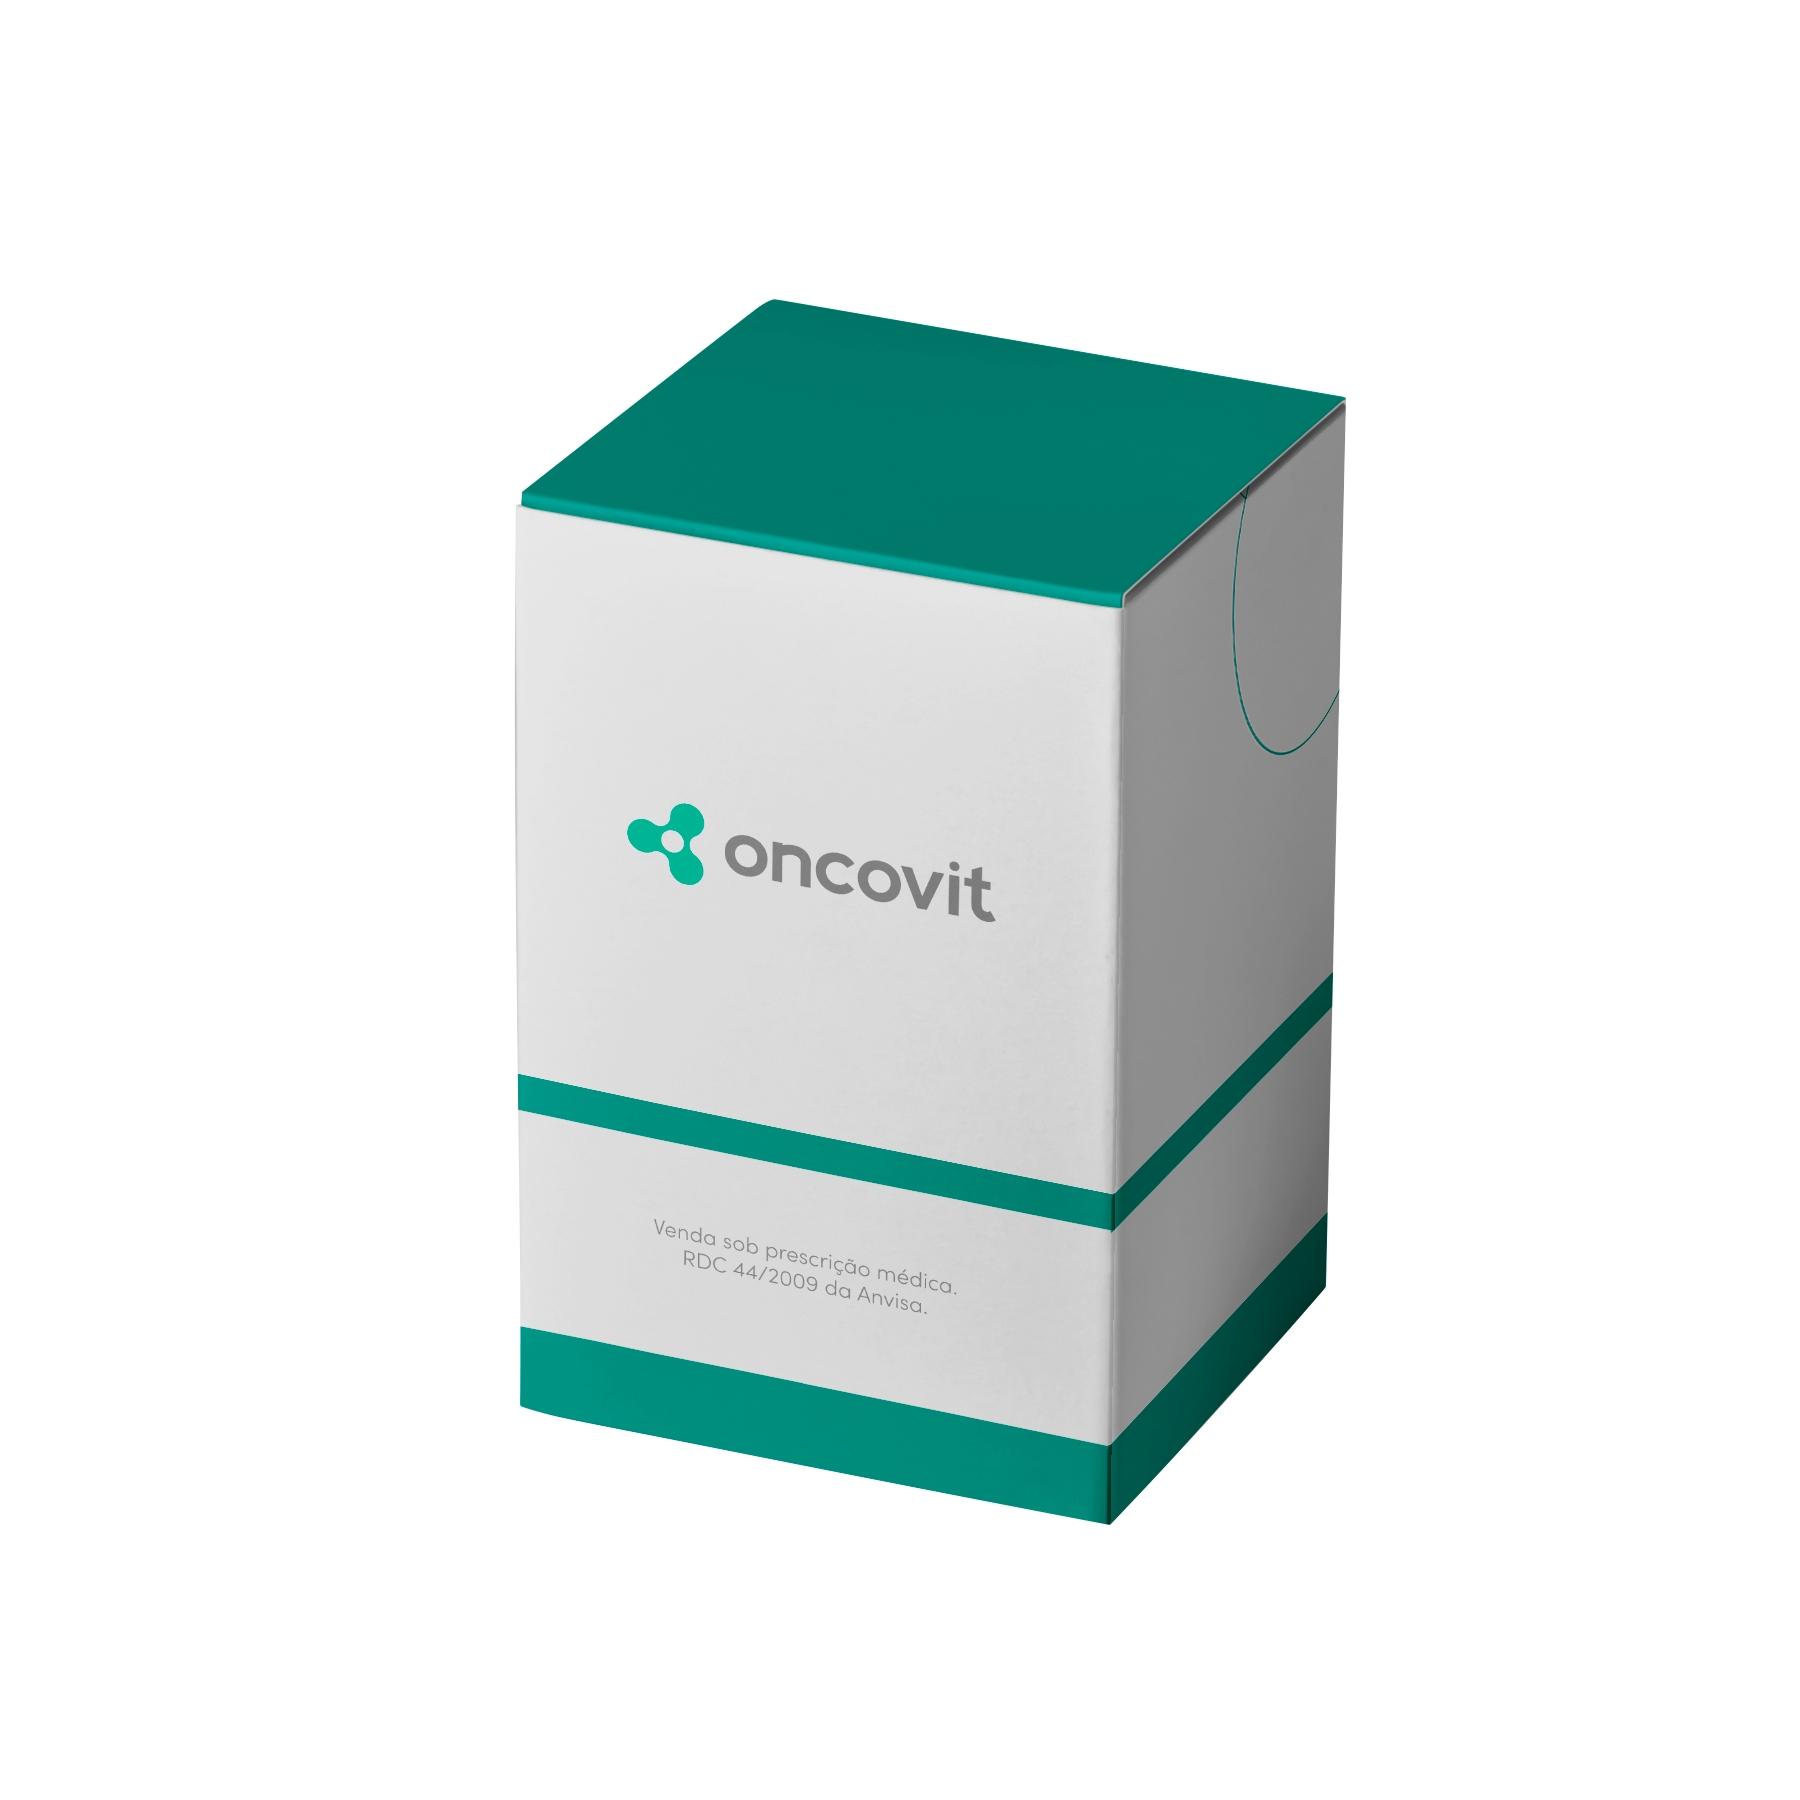 Eritromax 10.000UI/mL caixa com 1 frasco-ampola com 1mL de solução de uso subcutâneo